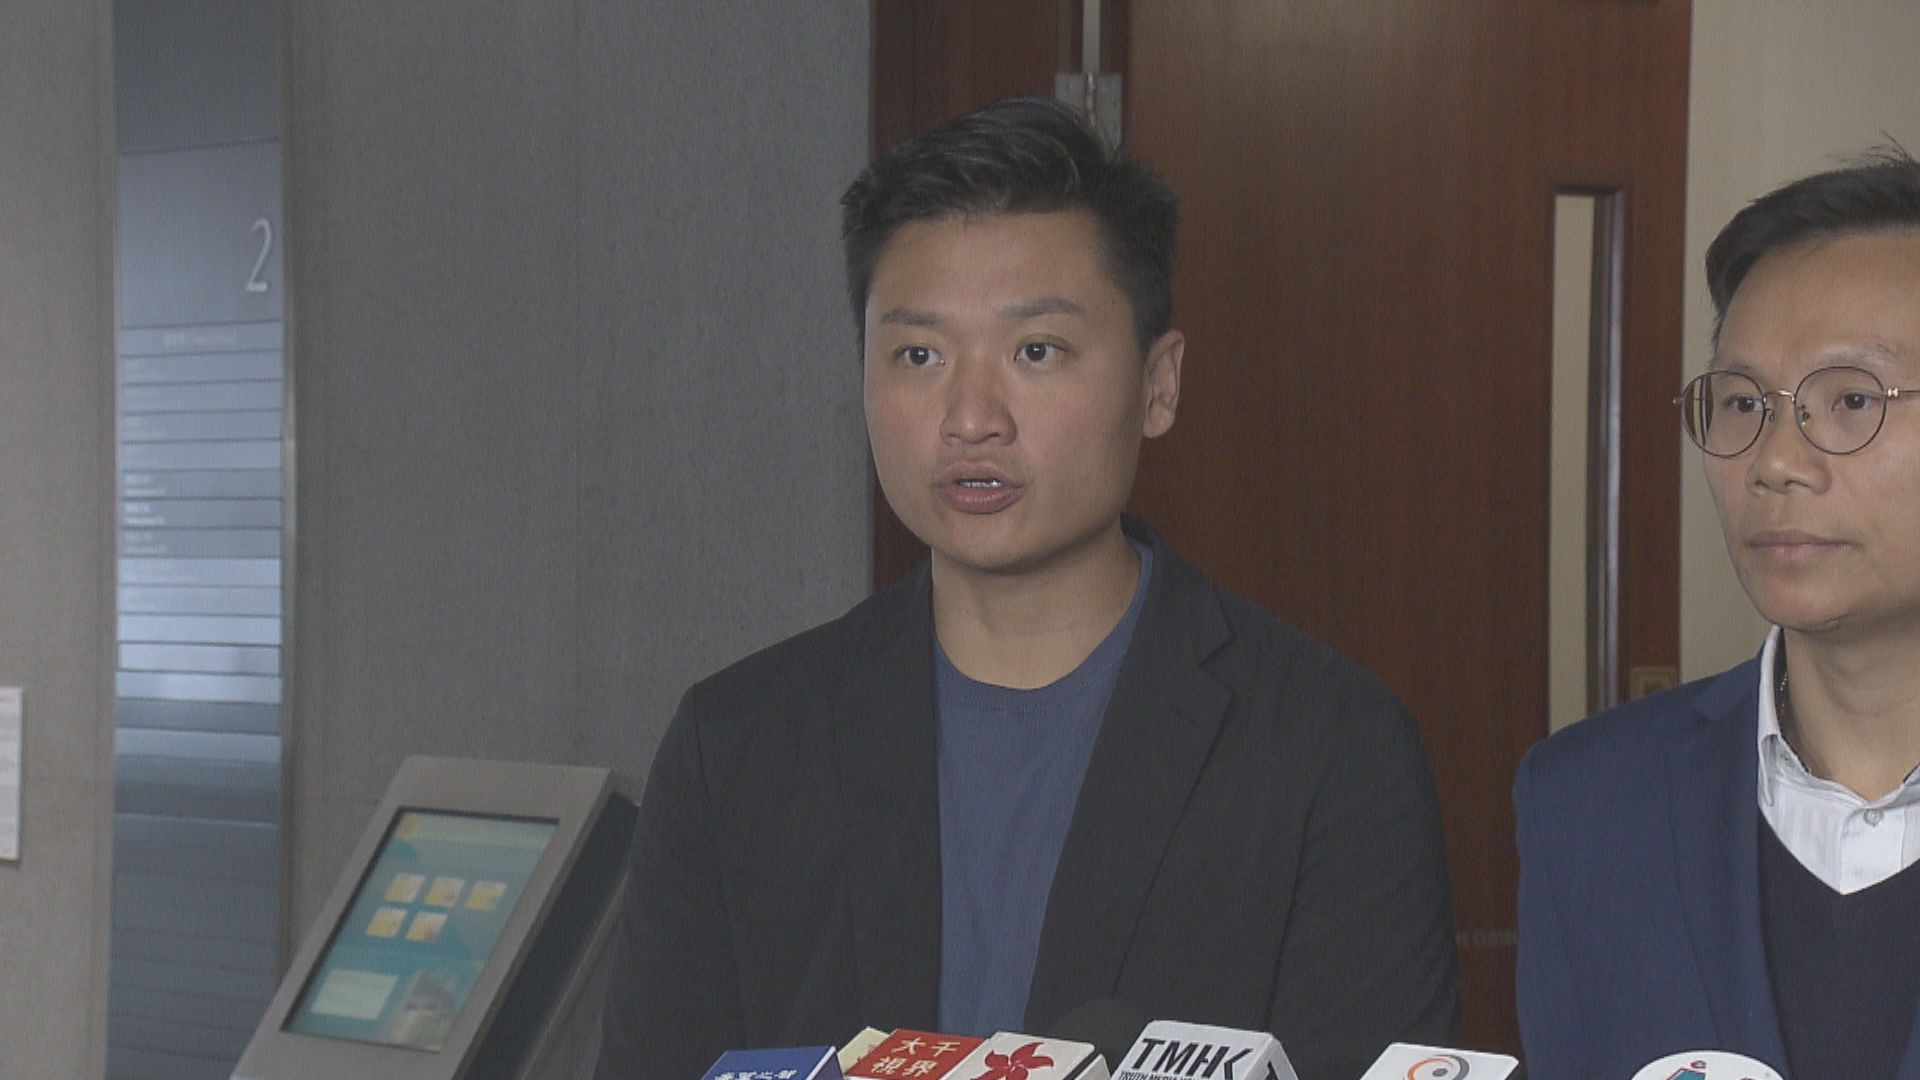 鄭泳舜:違反港區國安法的書籍不宜放在公共圖書館